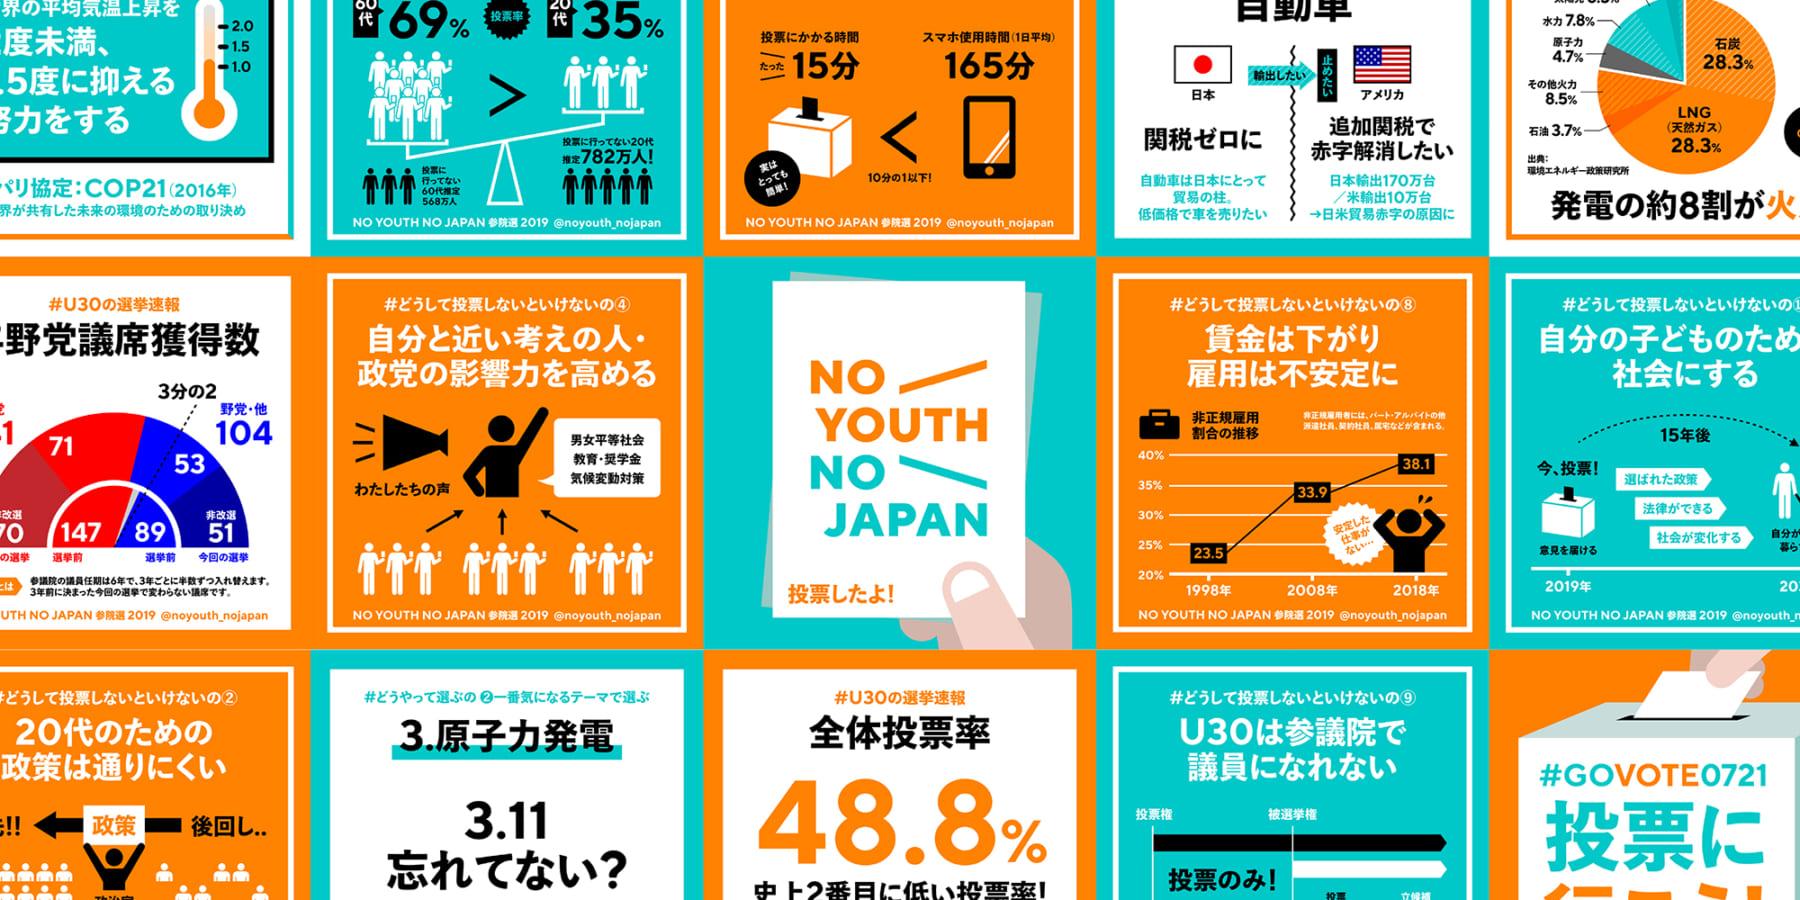 若者の声が響く社会を目指して。U30のための政治メディア「NO YOUTH NO JAPAN」の挑戦